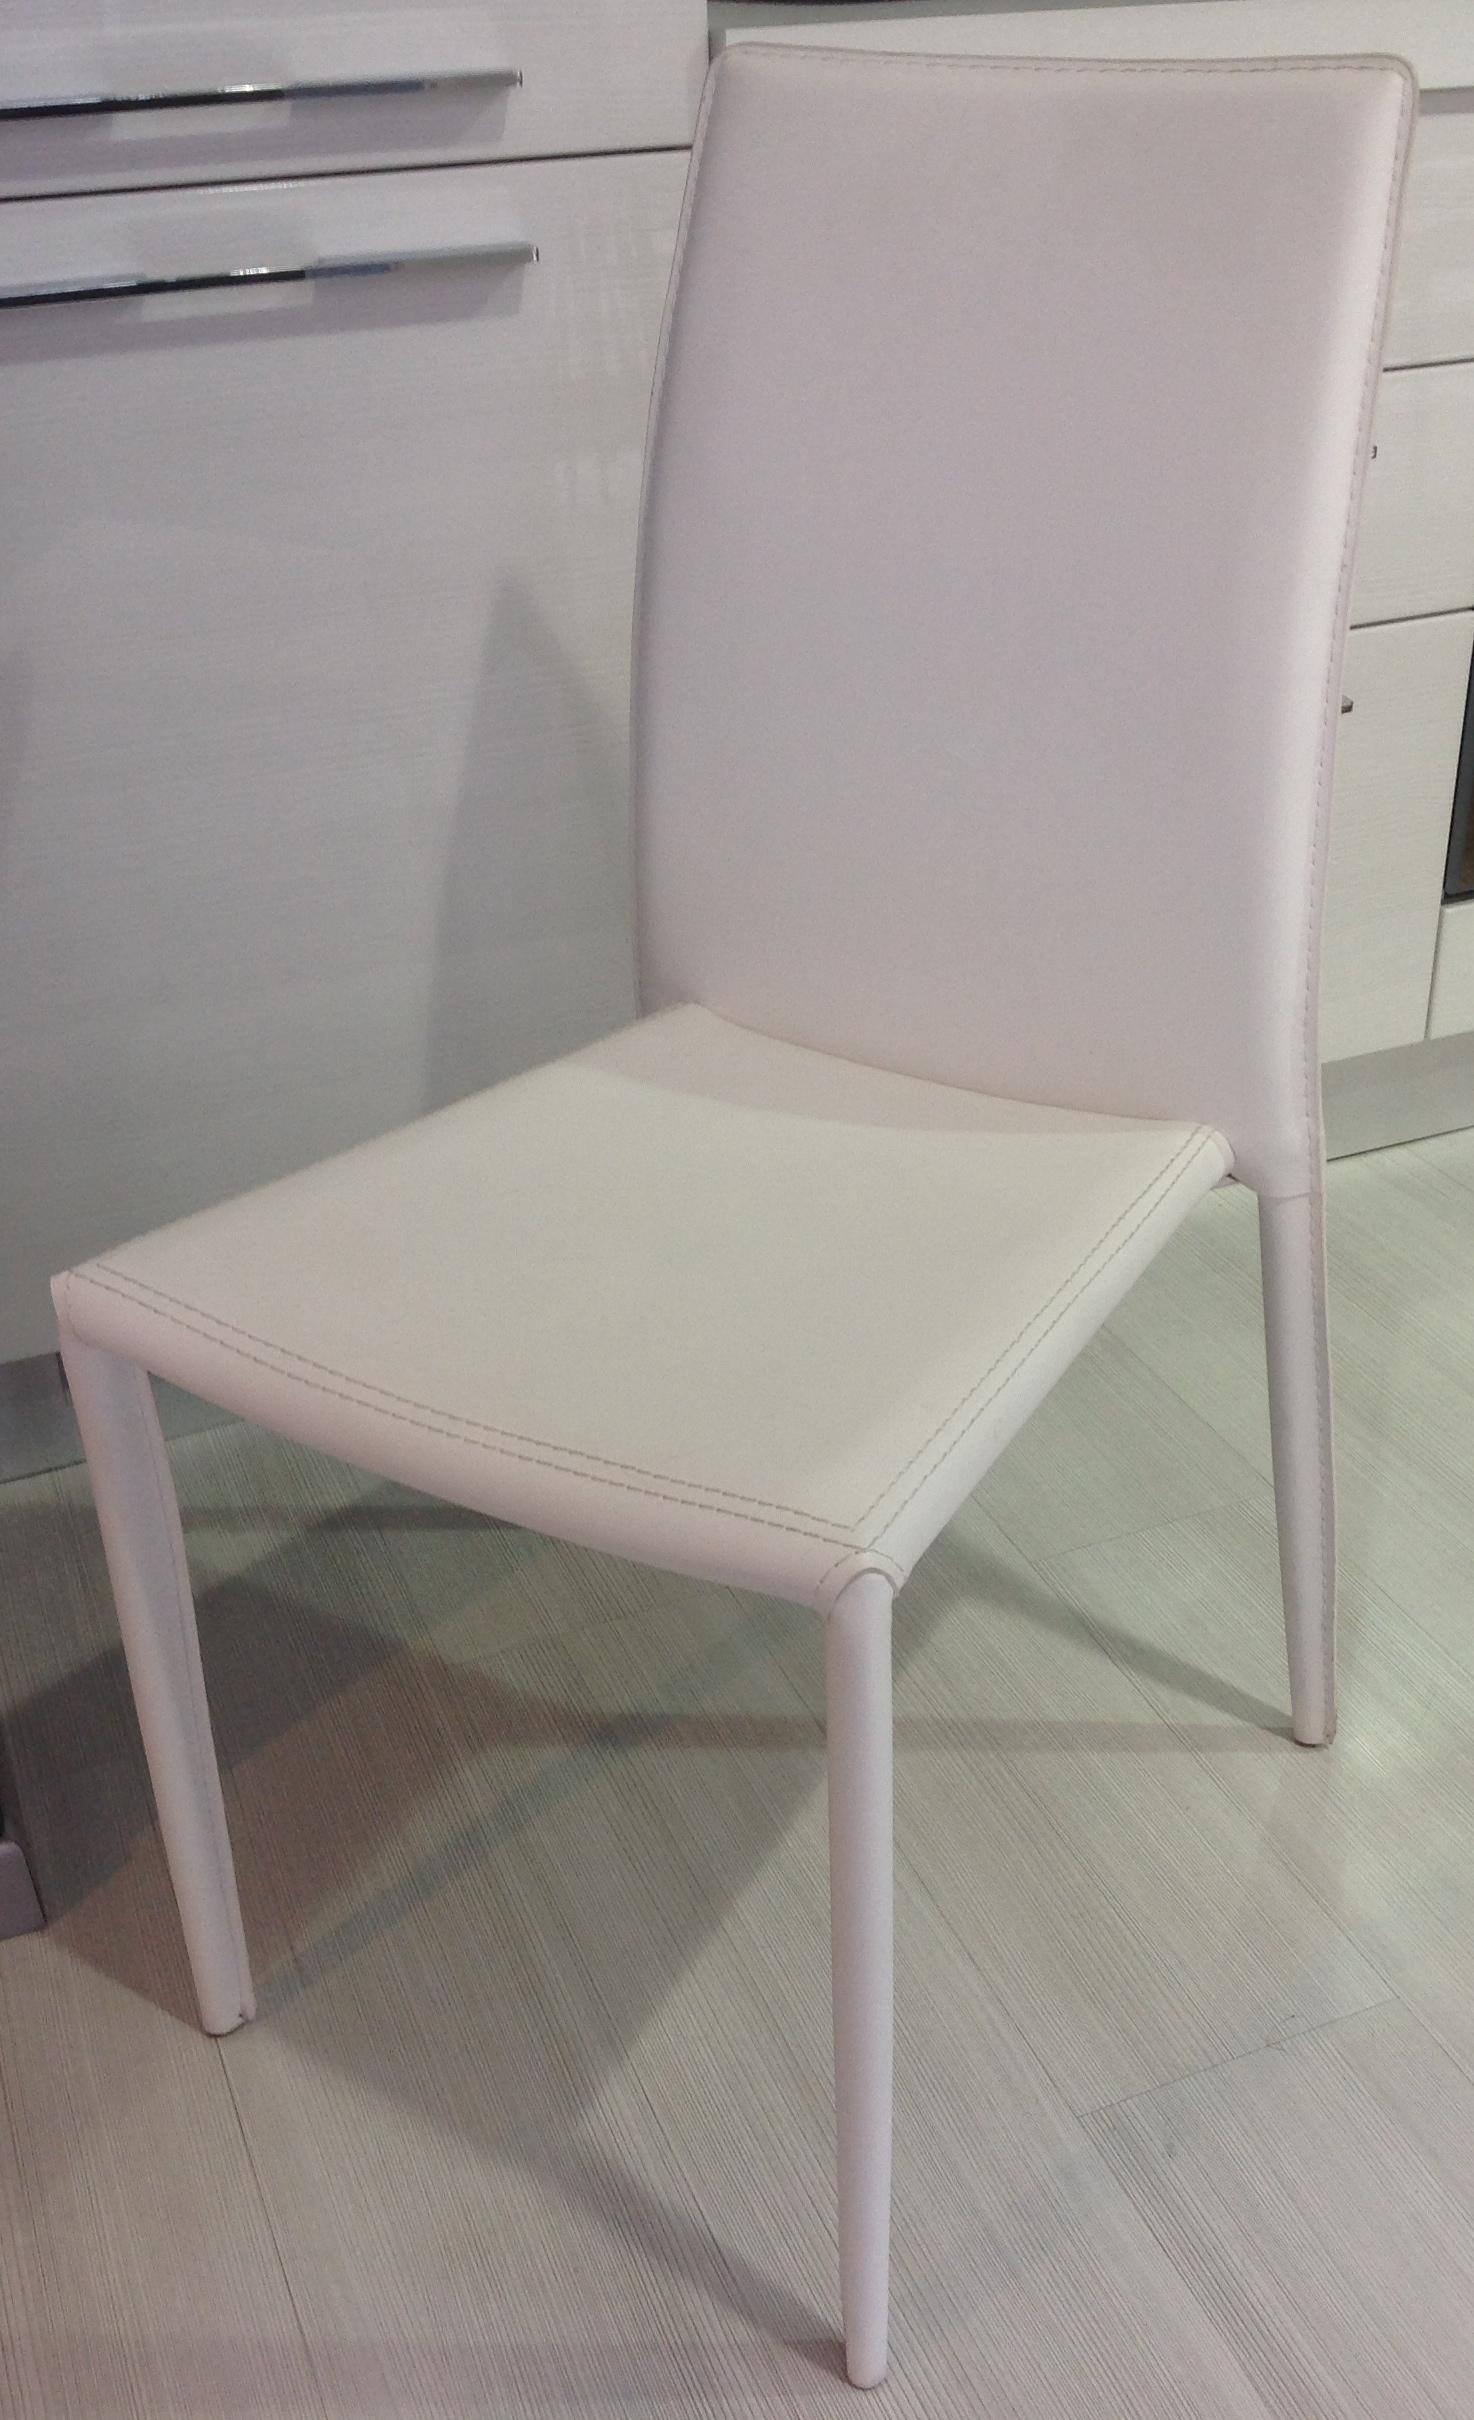 Sedie da cucina in ecocuoio colore bianco sedie a prezzi - Sedie da cucina prezzi ...